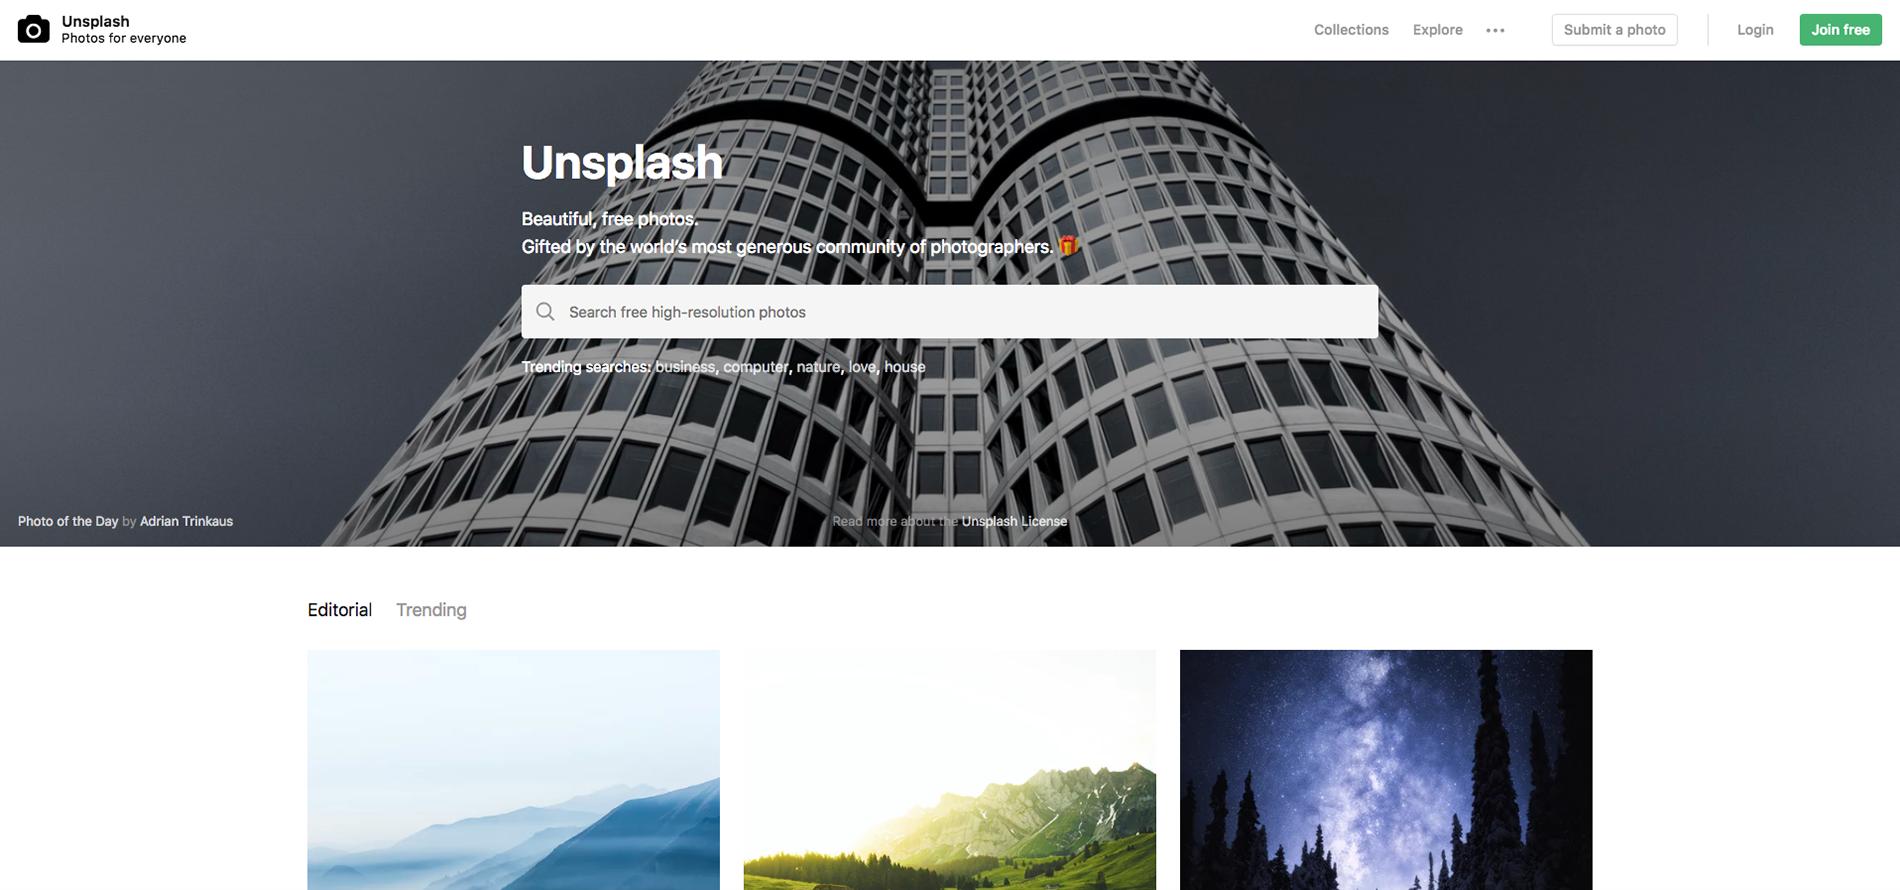 unsplash, bancos de imagens, melhores bancos de imagens, imagens